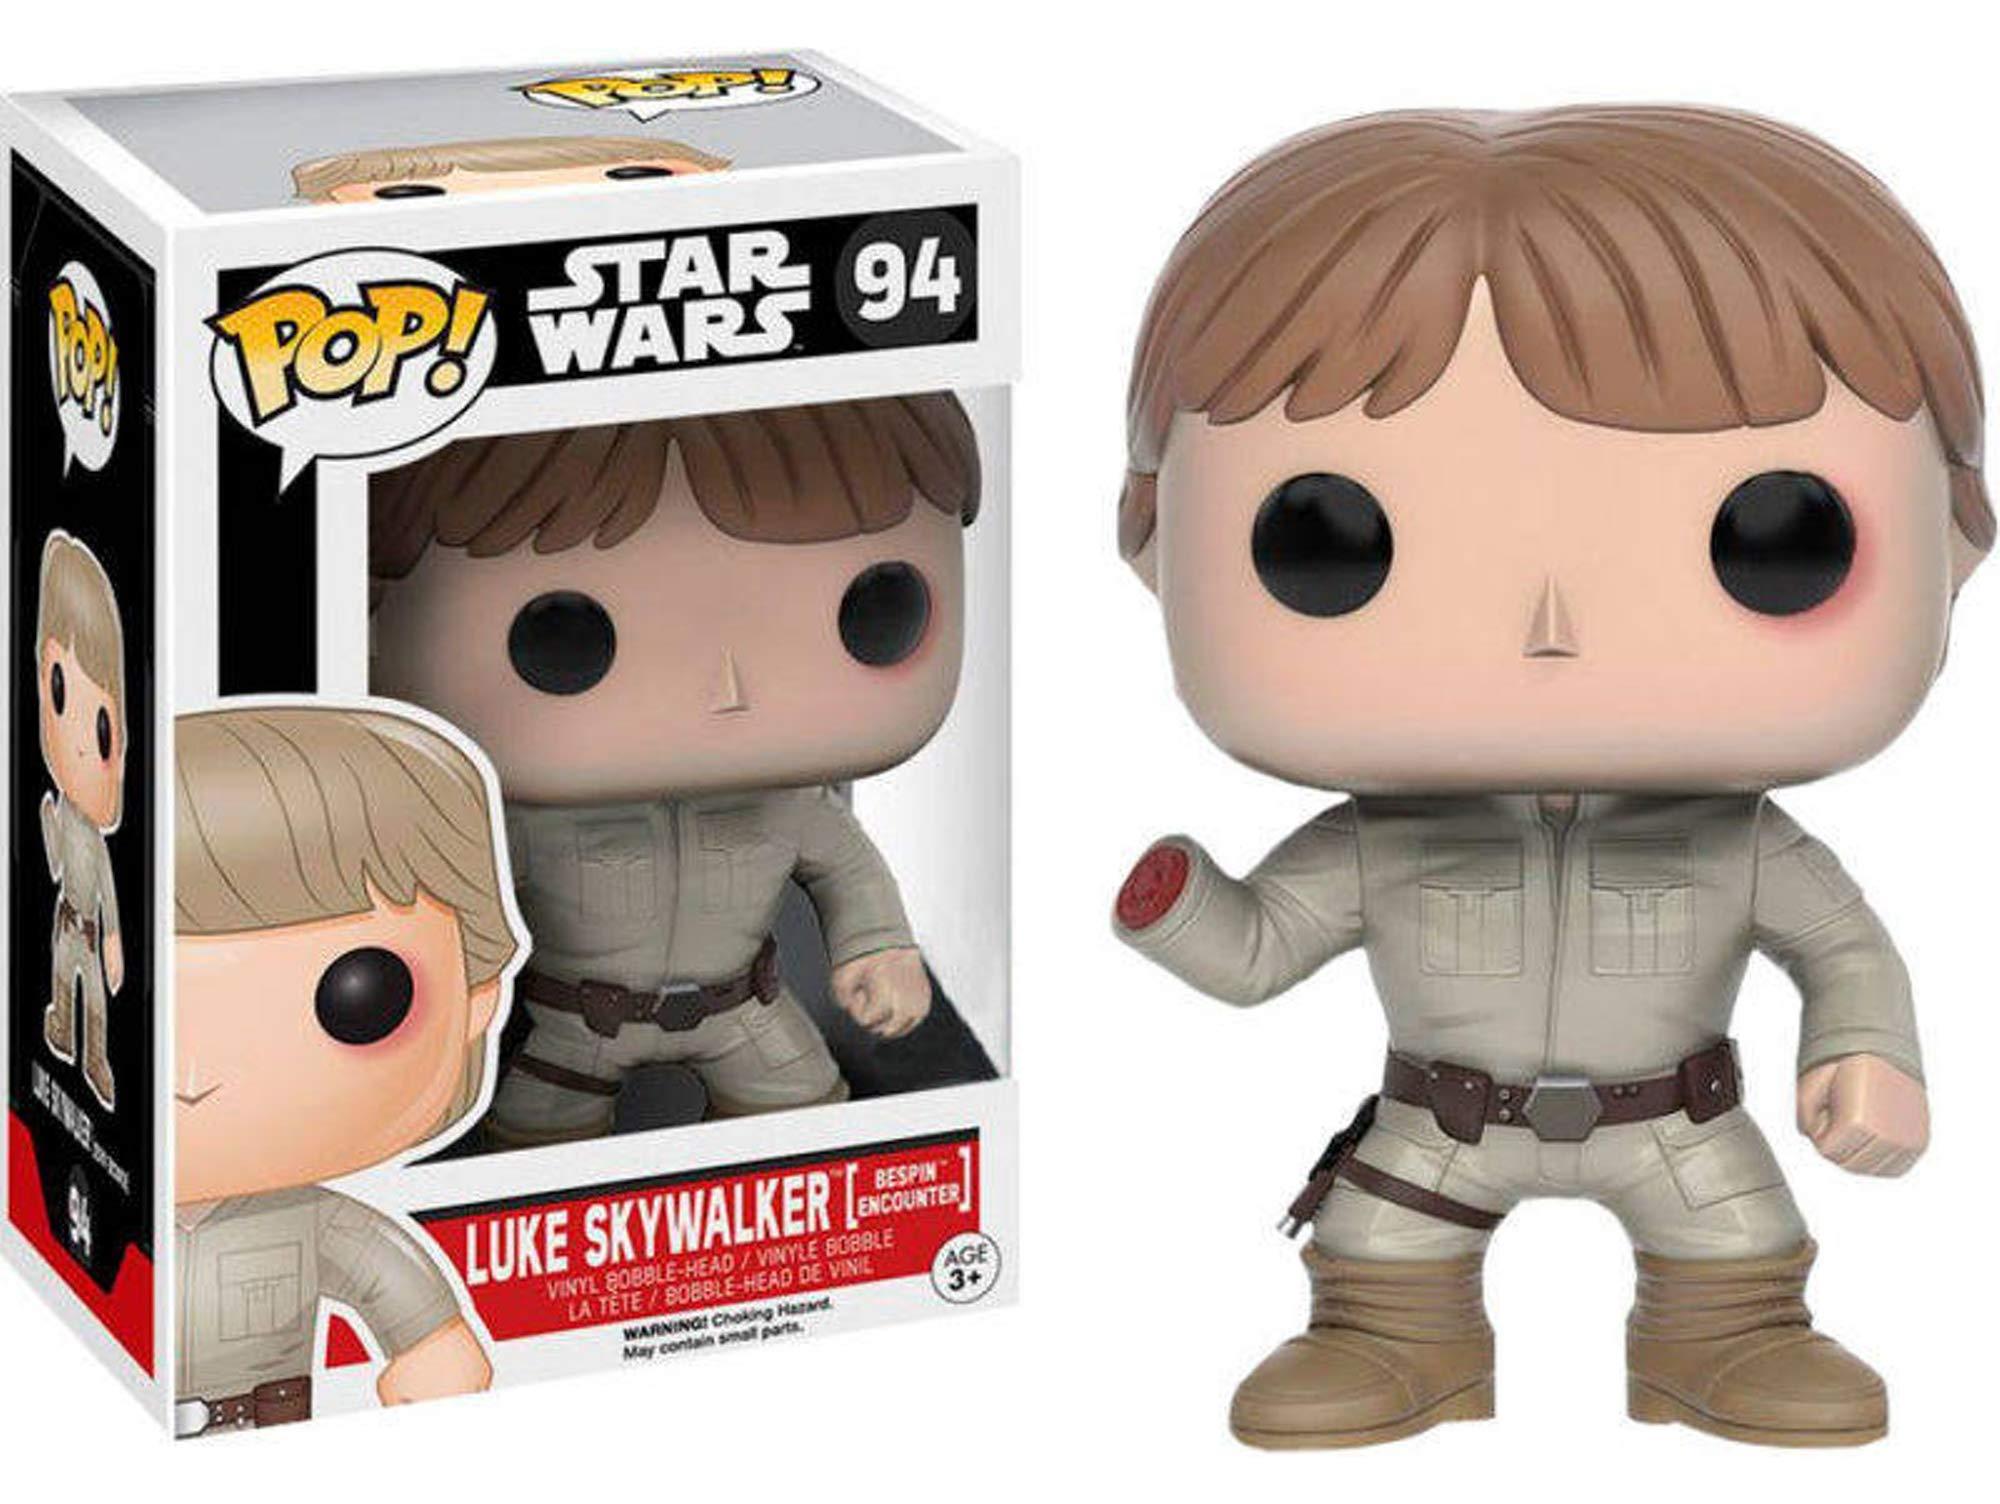 Funko Pop Luke Skywalker con mano cortada (Star Wars 94) Funko Pop Star Wars